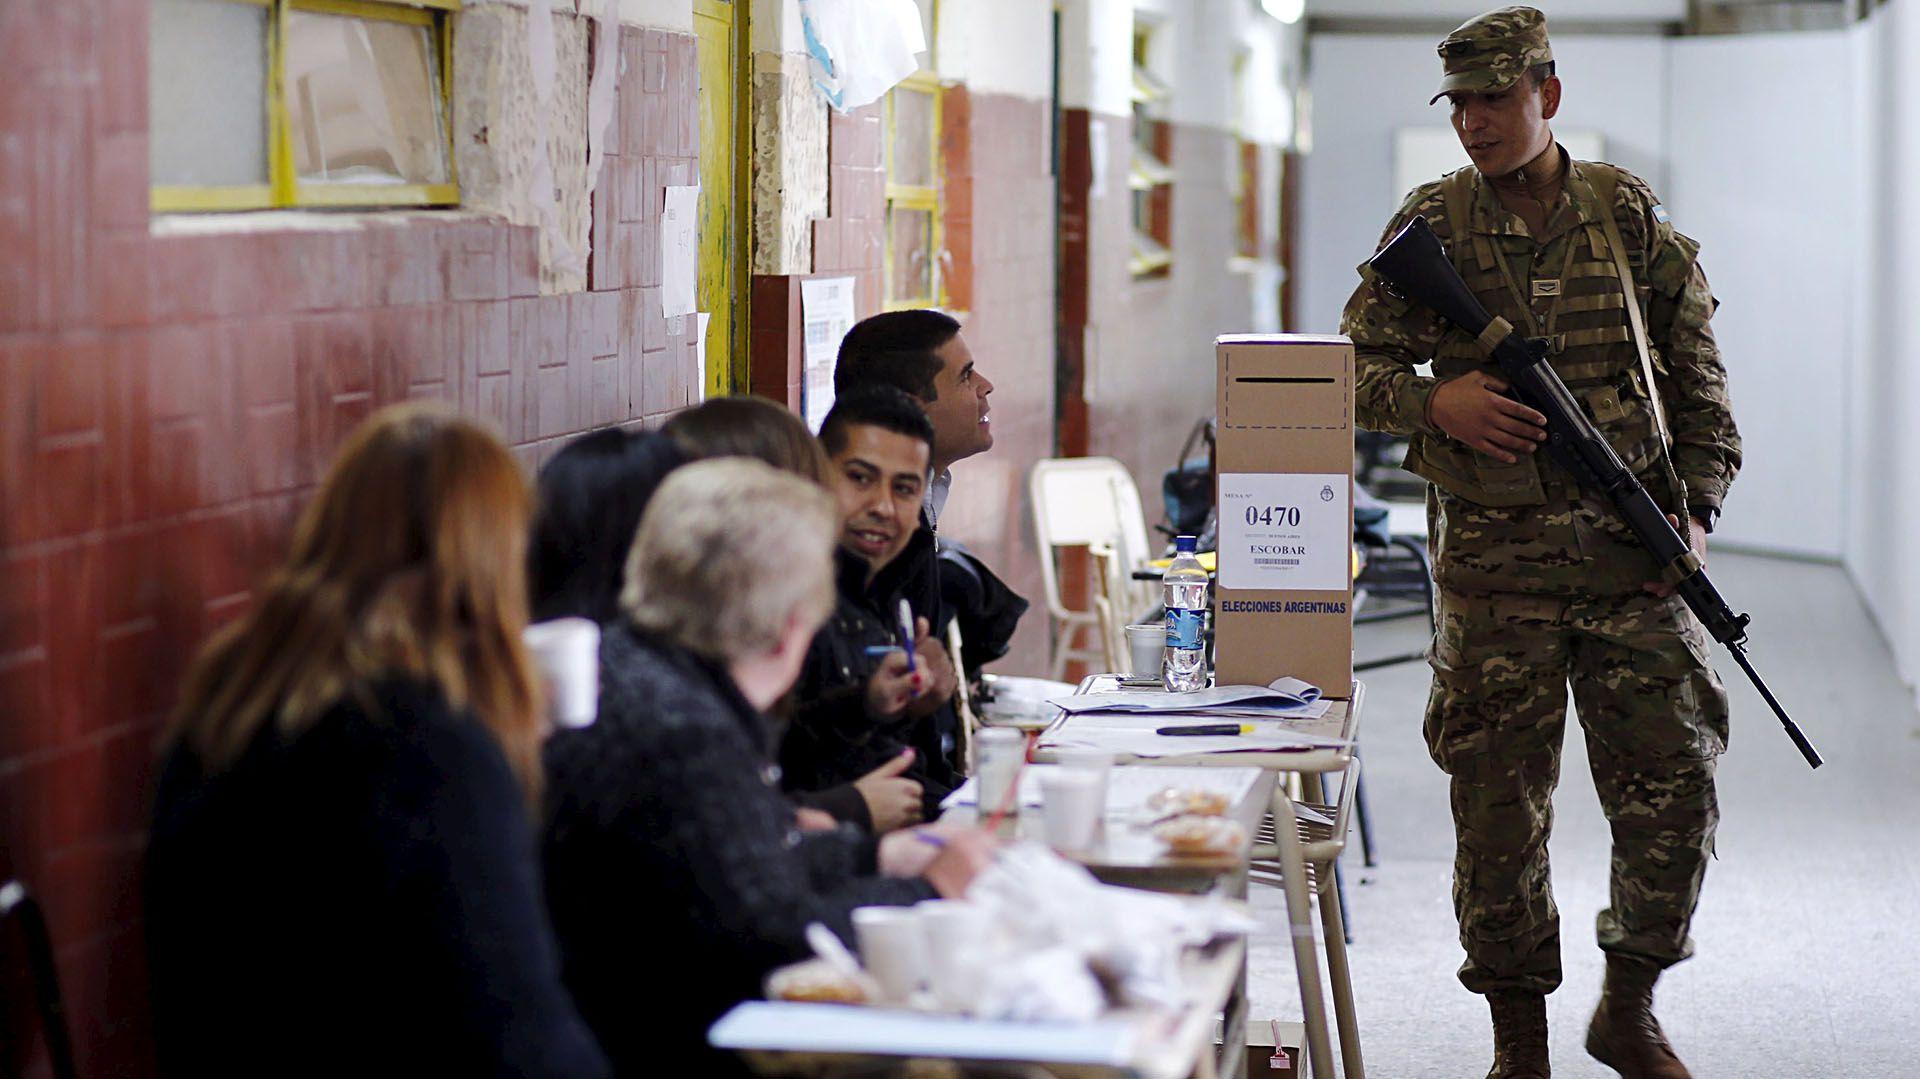 Los facilitadores deberían ser militares o policías, que tendrán la tarea de garantizar la seguridad y el cumplimiento de los protocolos. (foto Reuters)